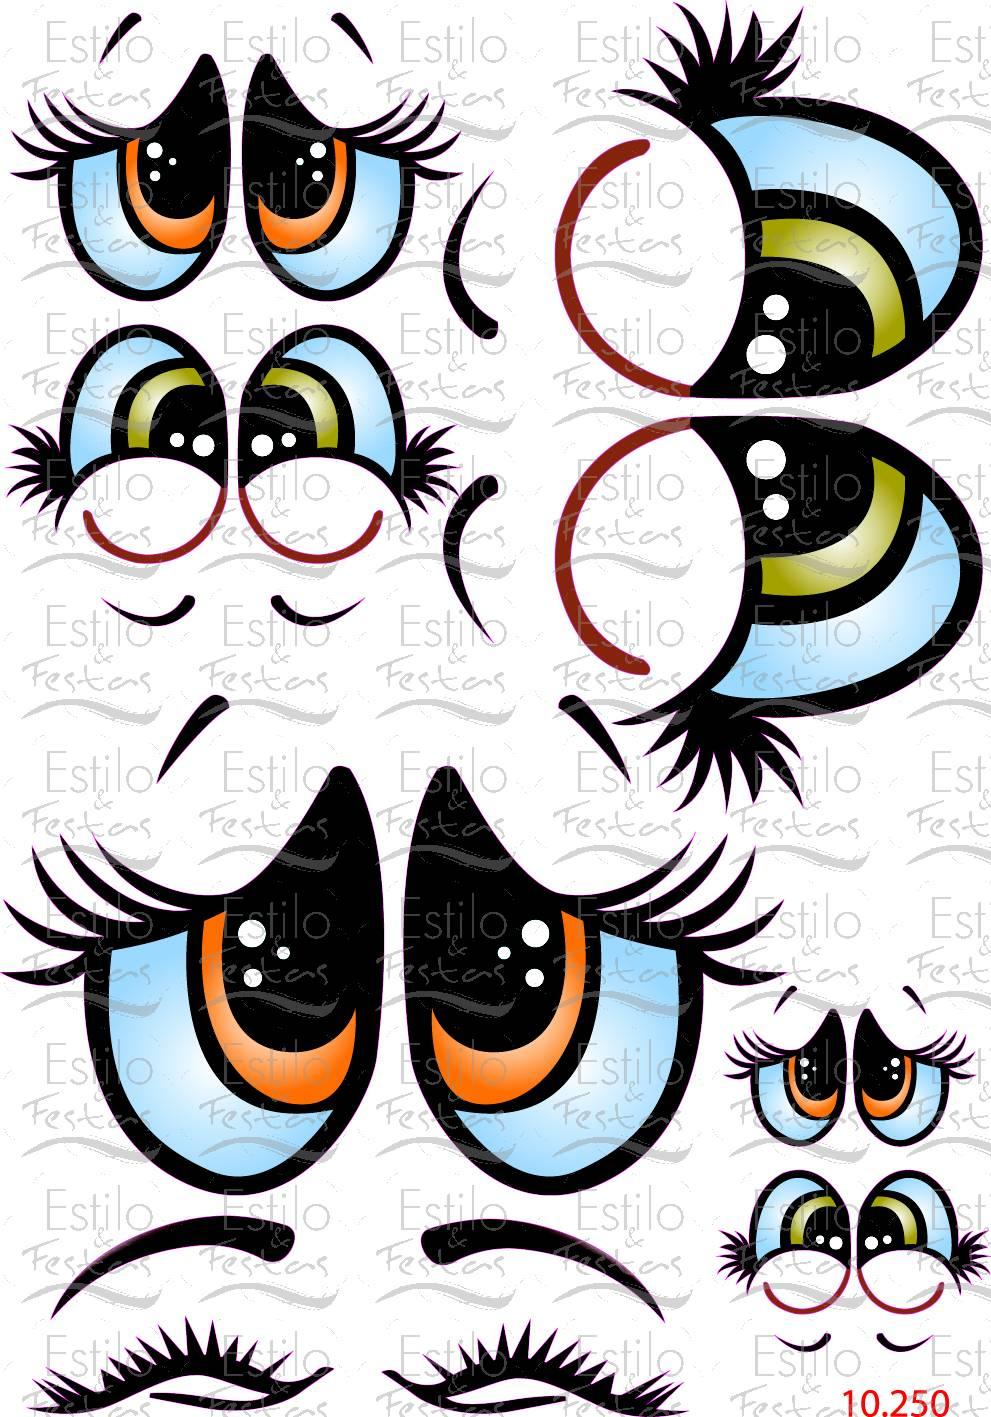 Aparador Cocina Madera ~ Adesivo para bal u00e3o Cartela Olhos de anjo com Express u00e3o Acessorios para Festas Estilo e Festas